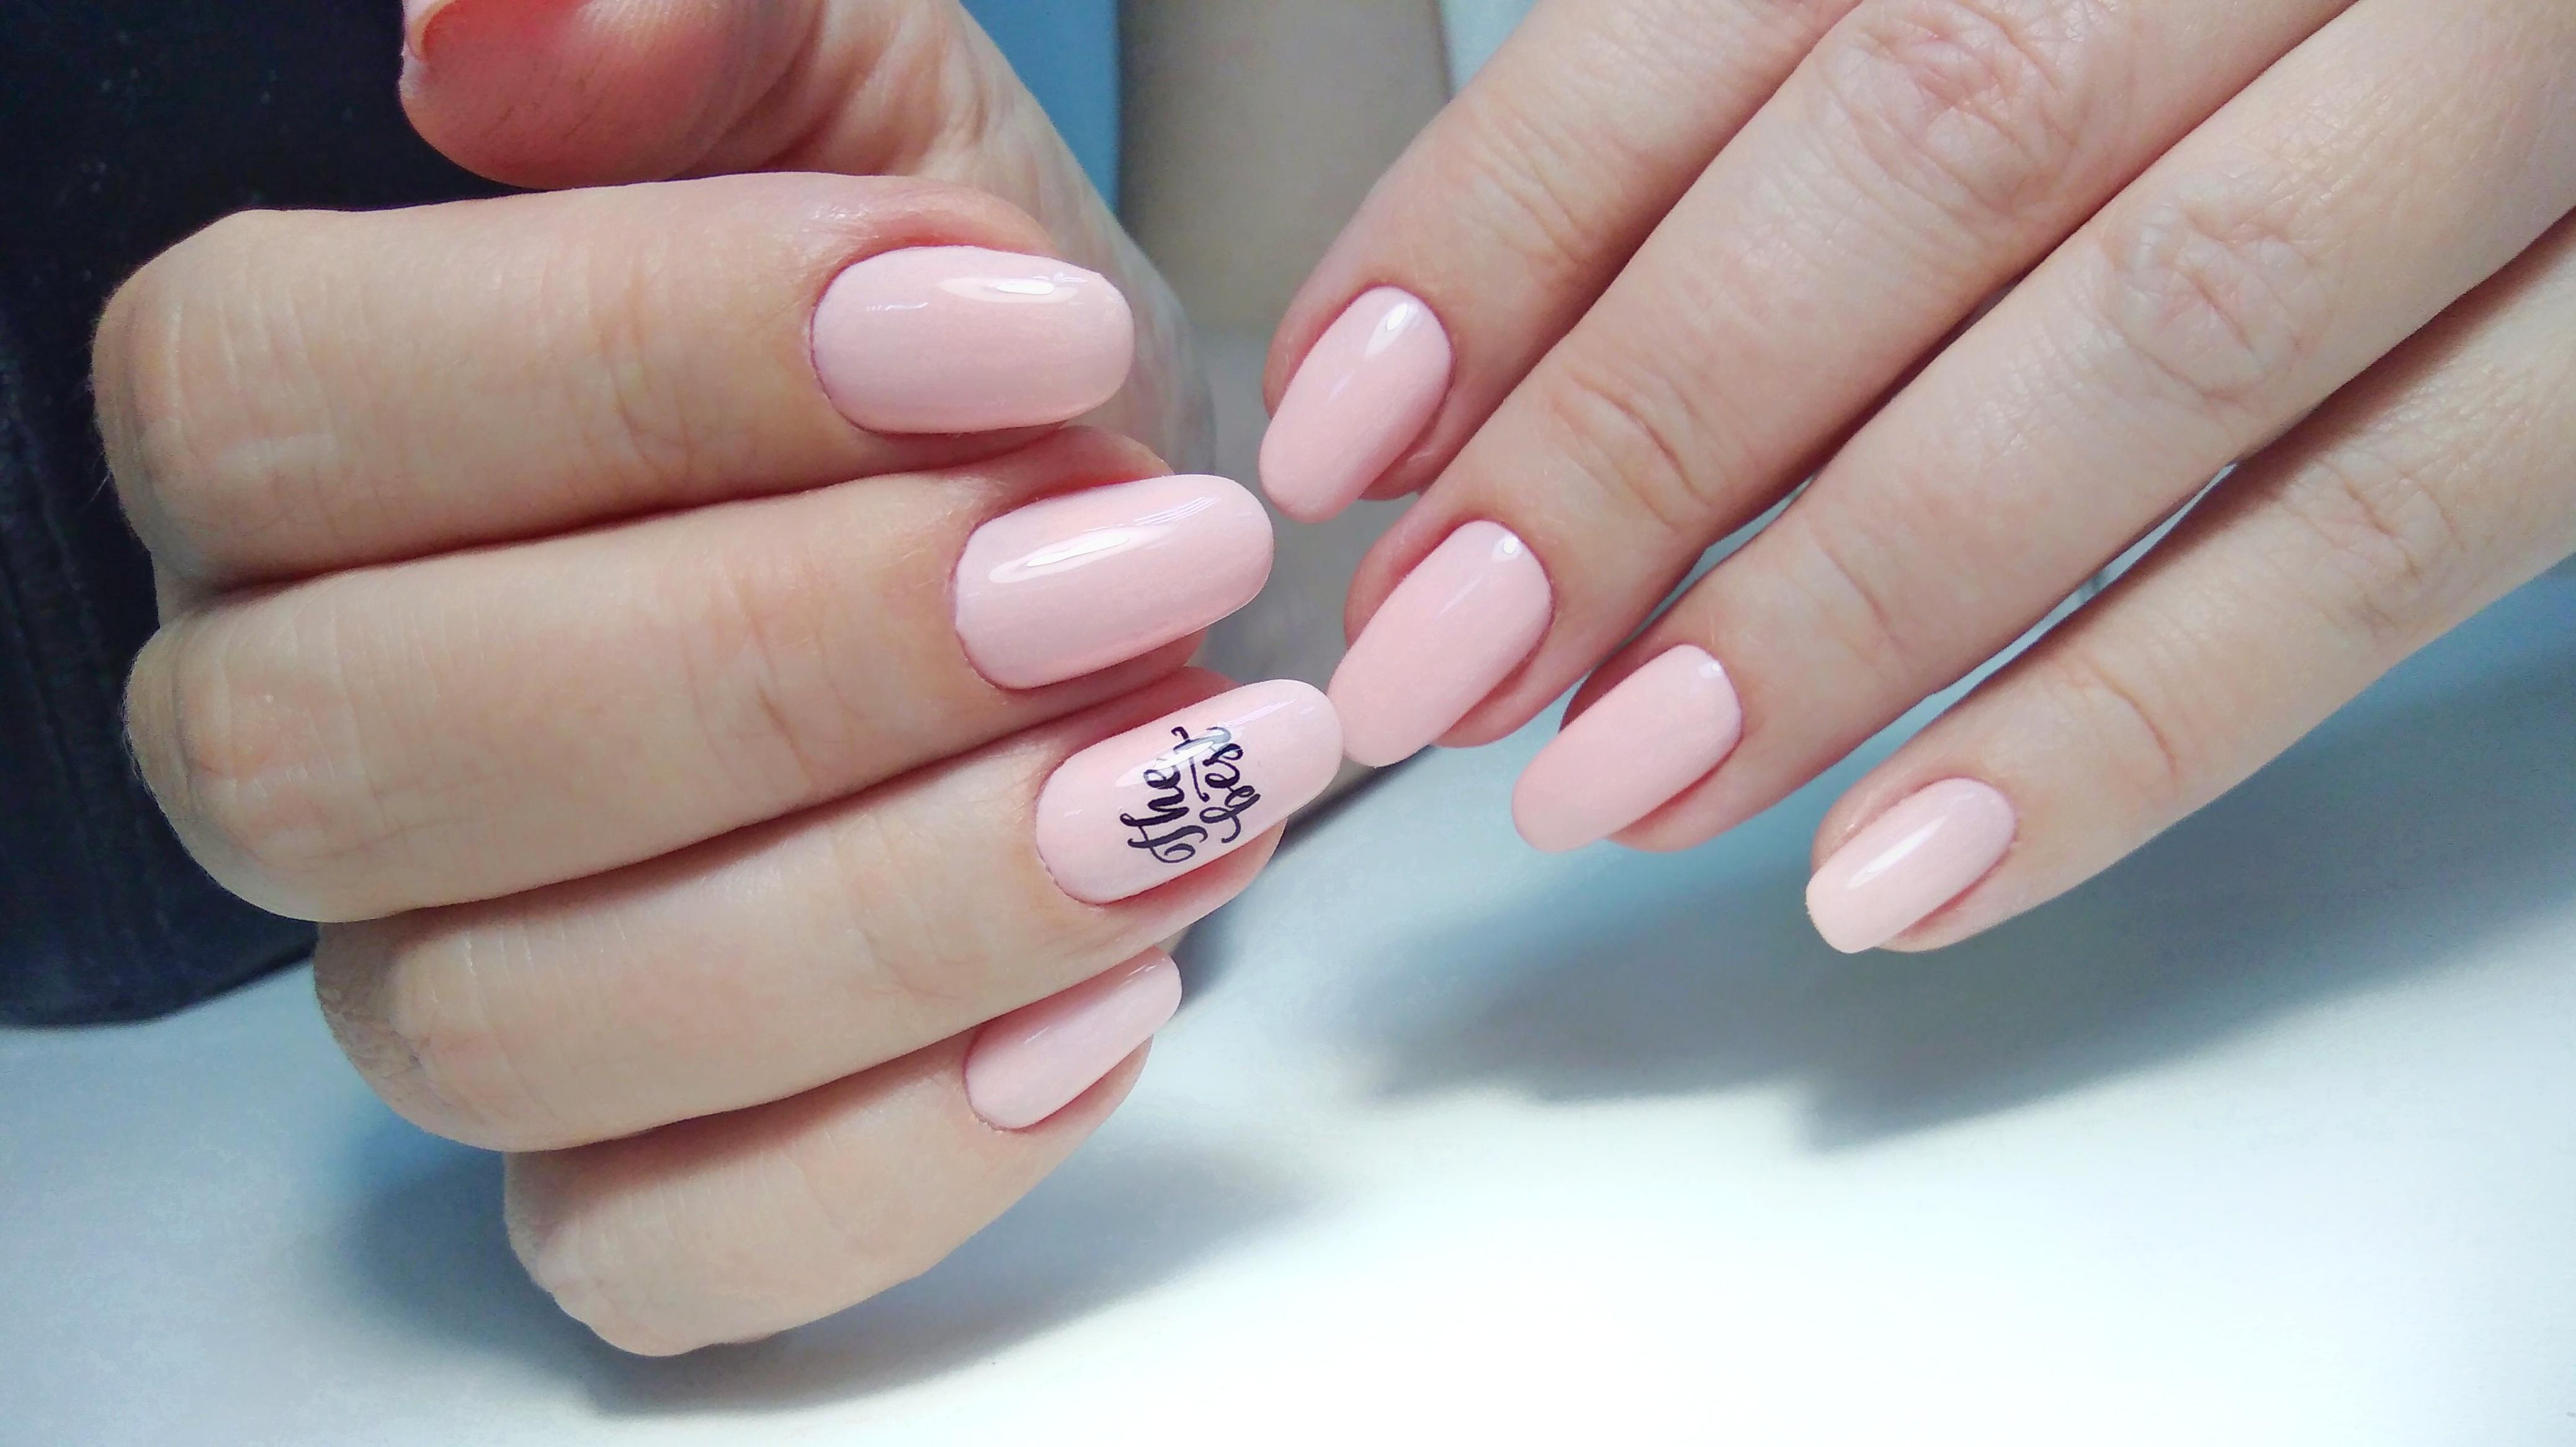 Маникюр с надписями в розовом цвете на длинные ногти.